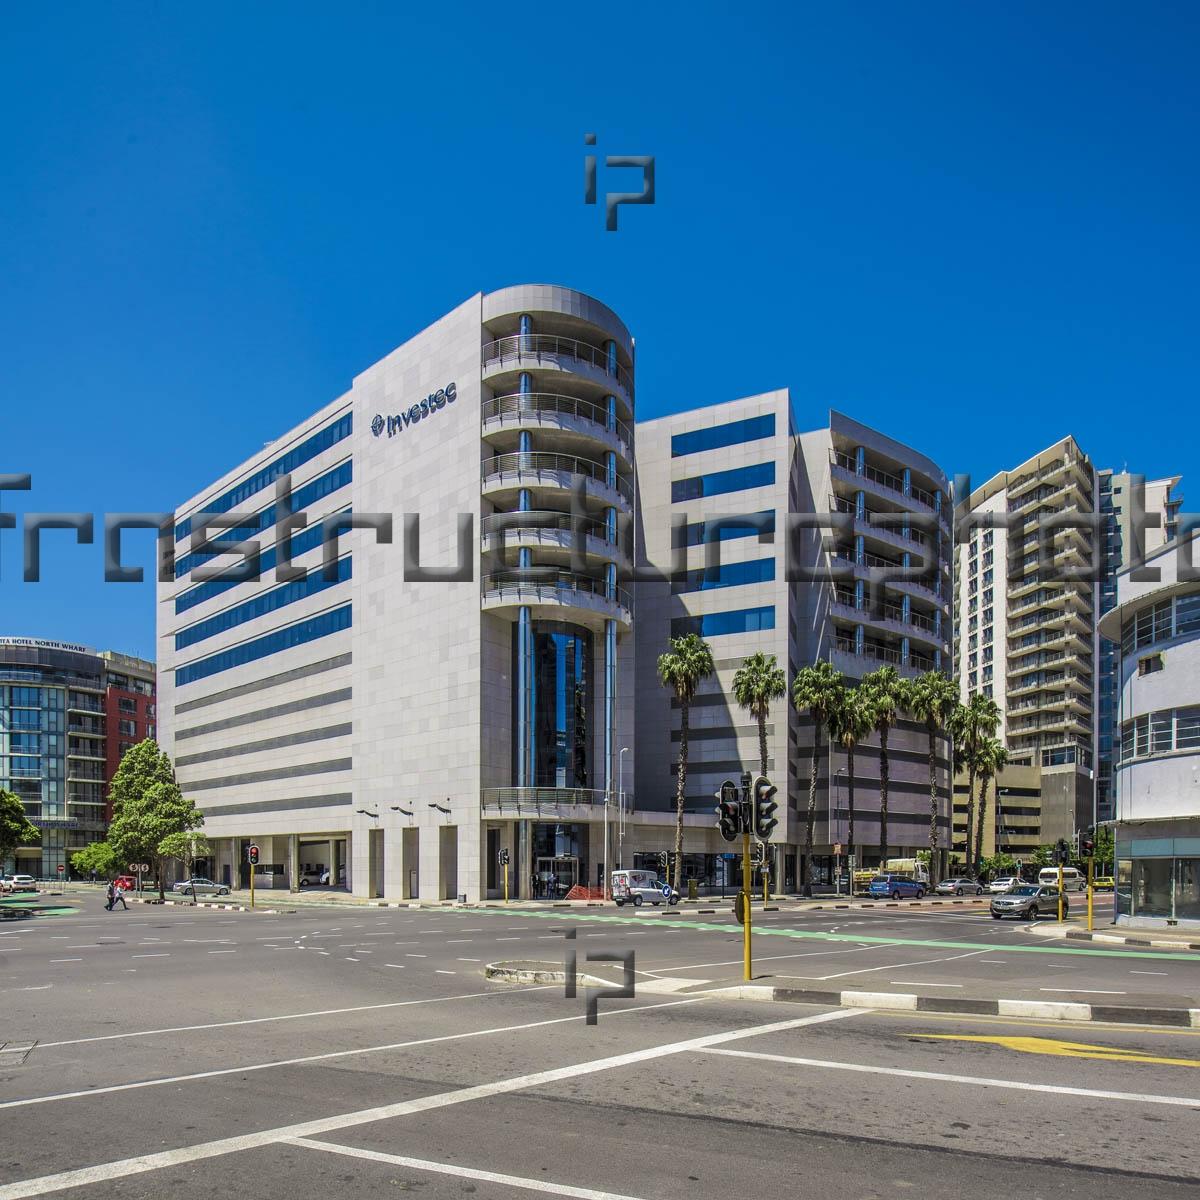 Investec Cape Town